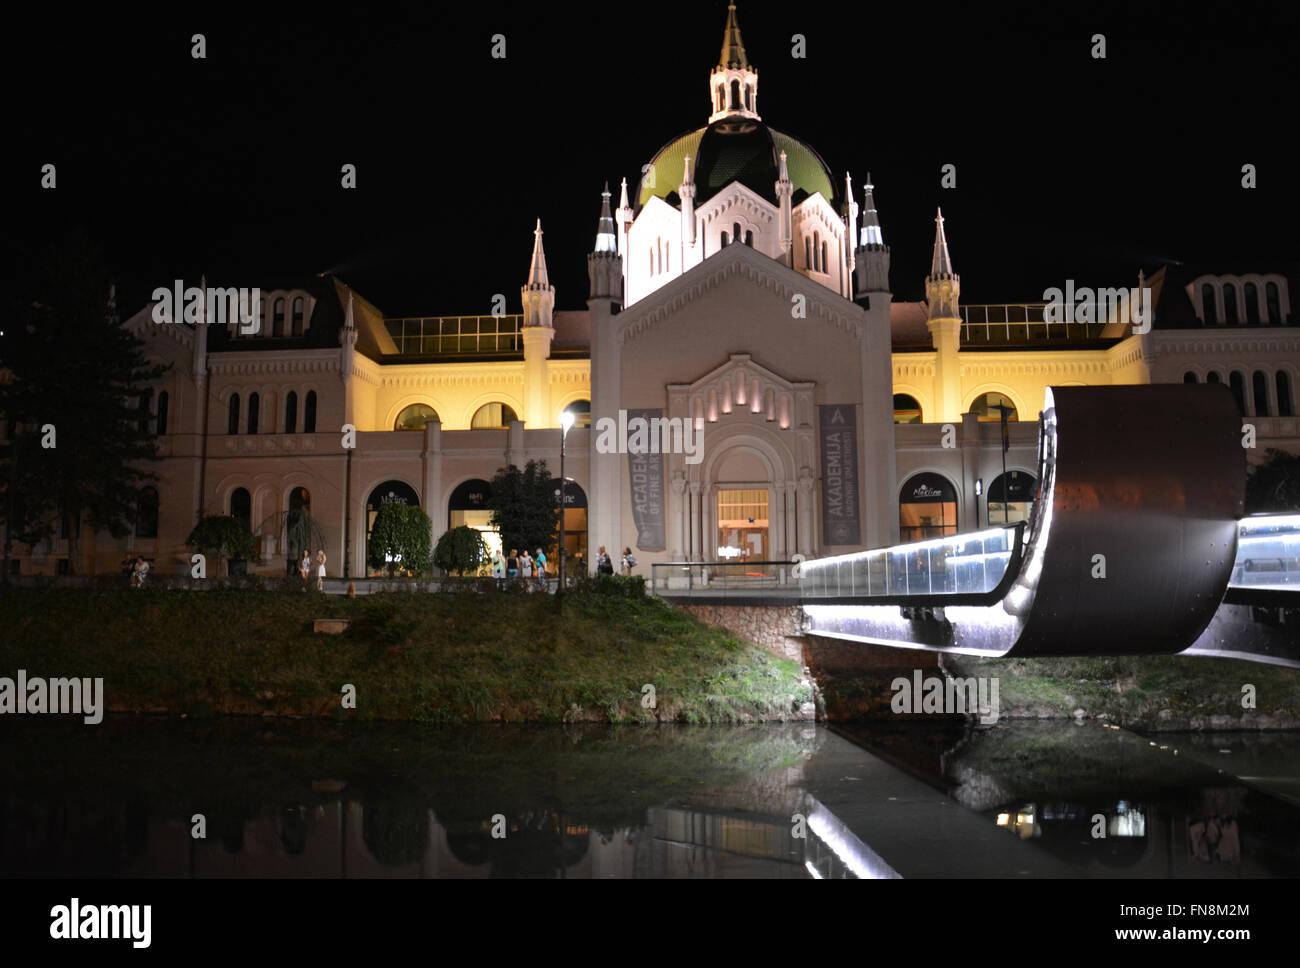 El festina lente puente sobre el río Miljacka conduce a la academia de bellas artes en la noche en Sarajevo, Imagen De Stock